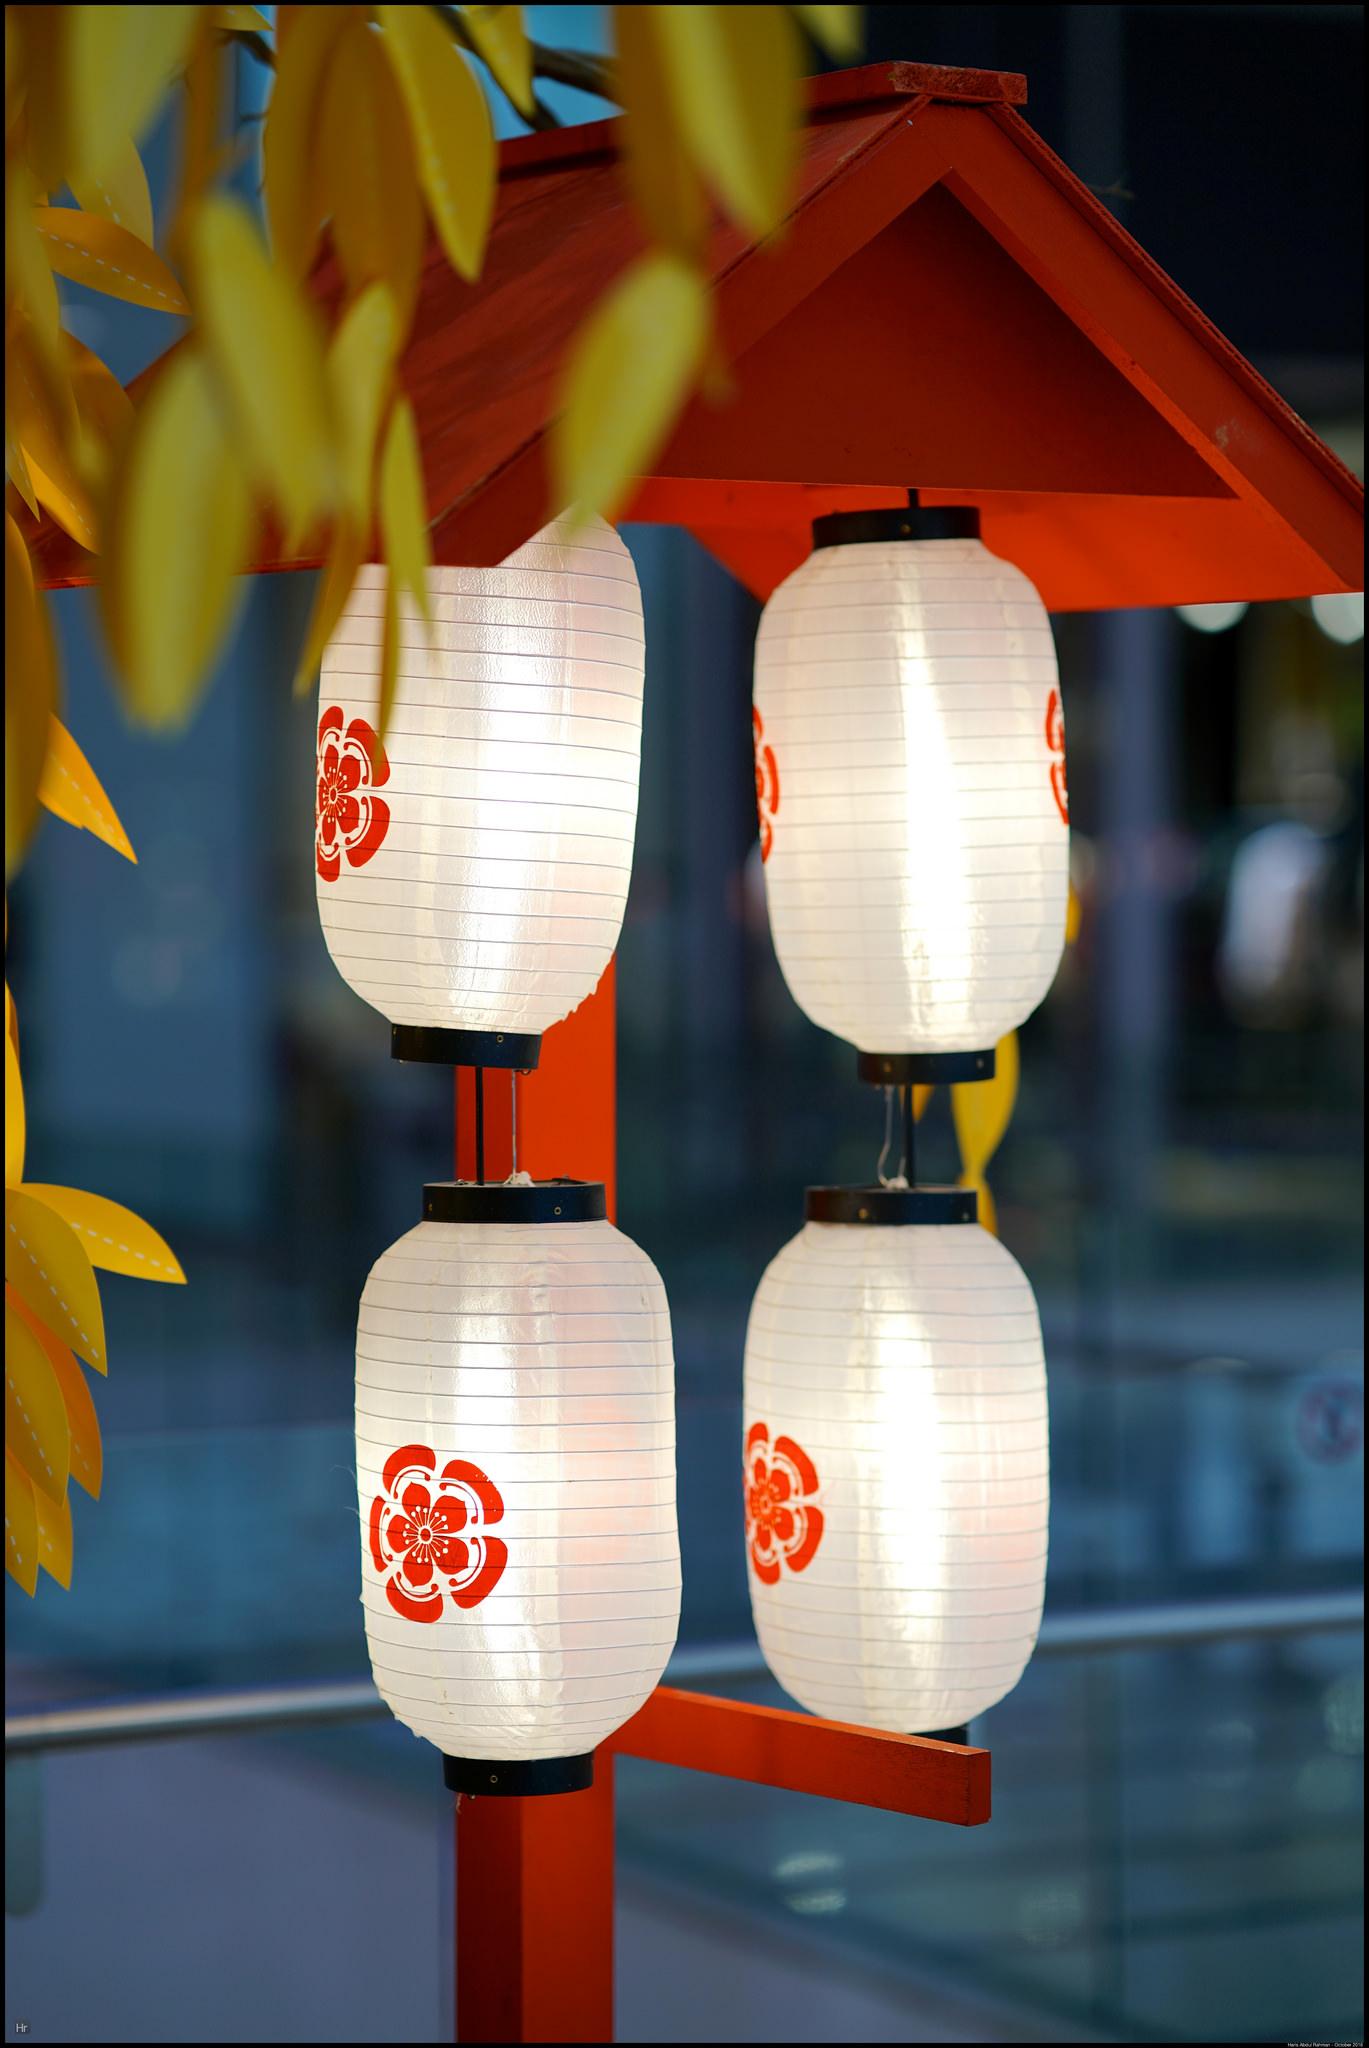 Nice lanterns